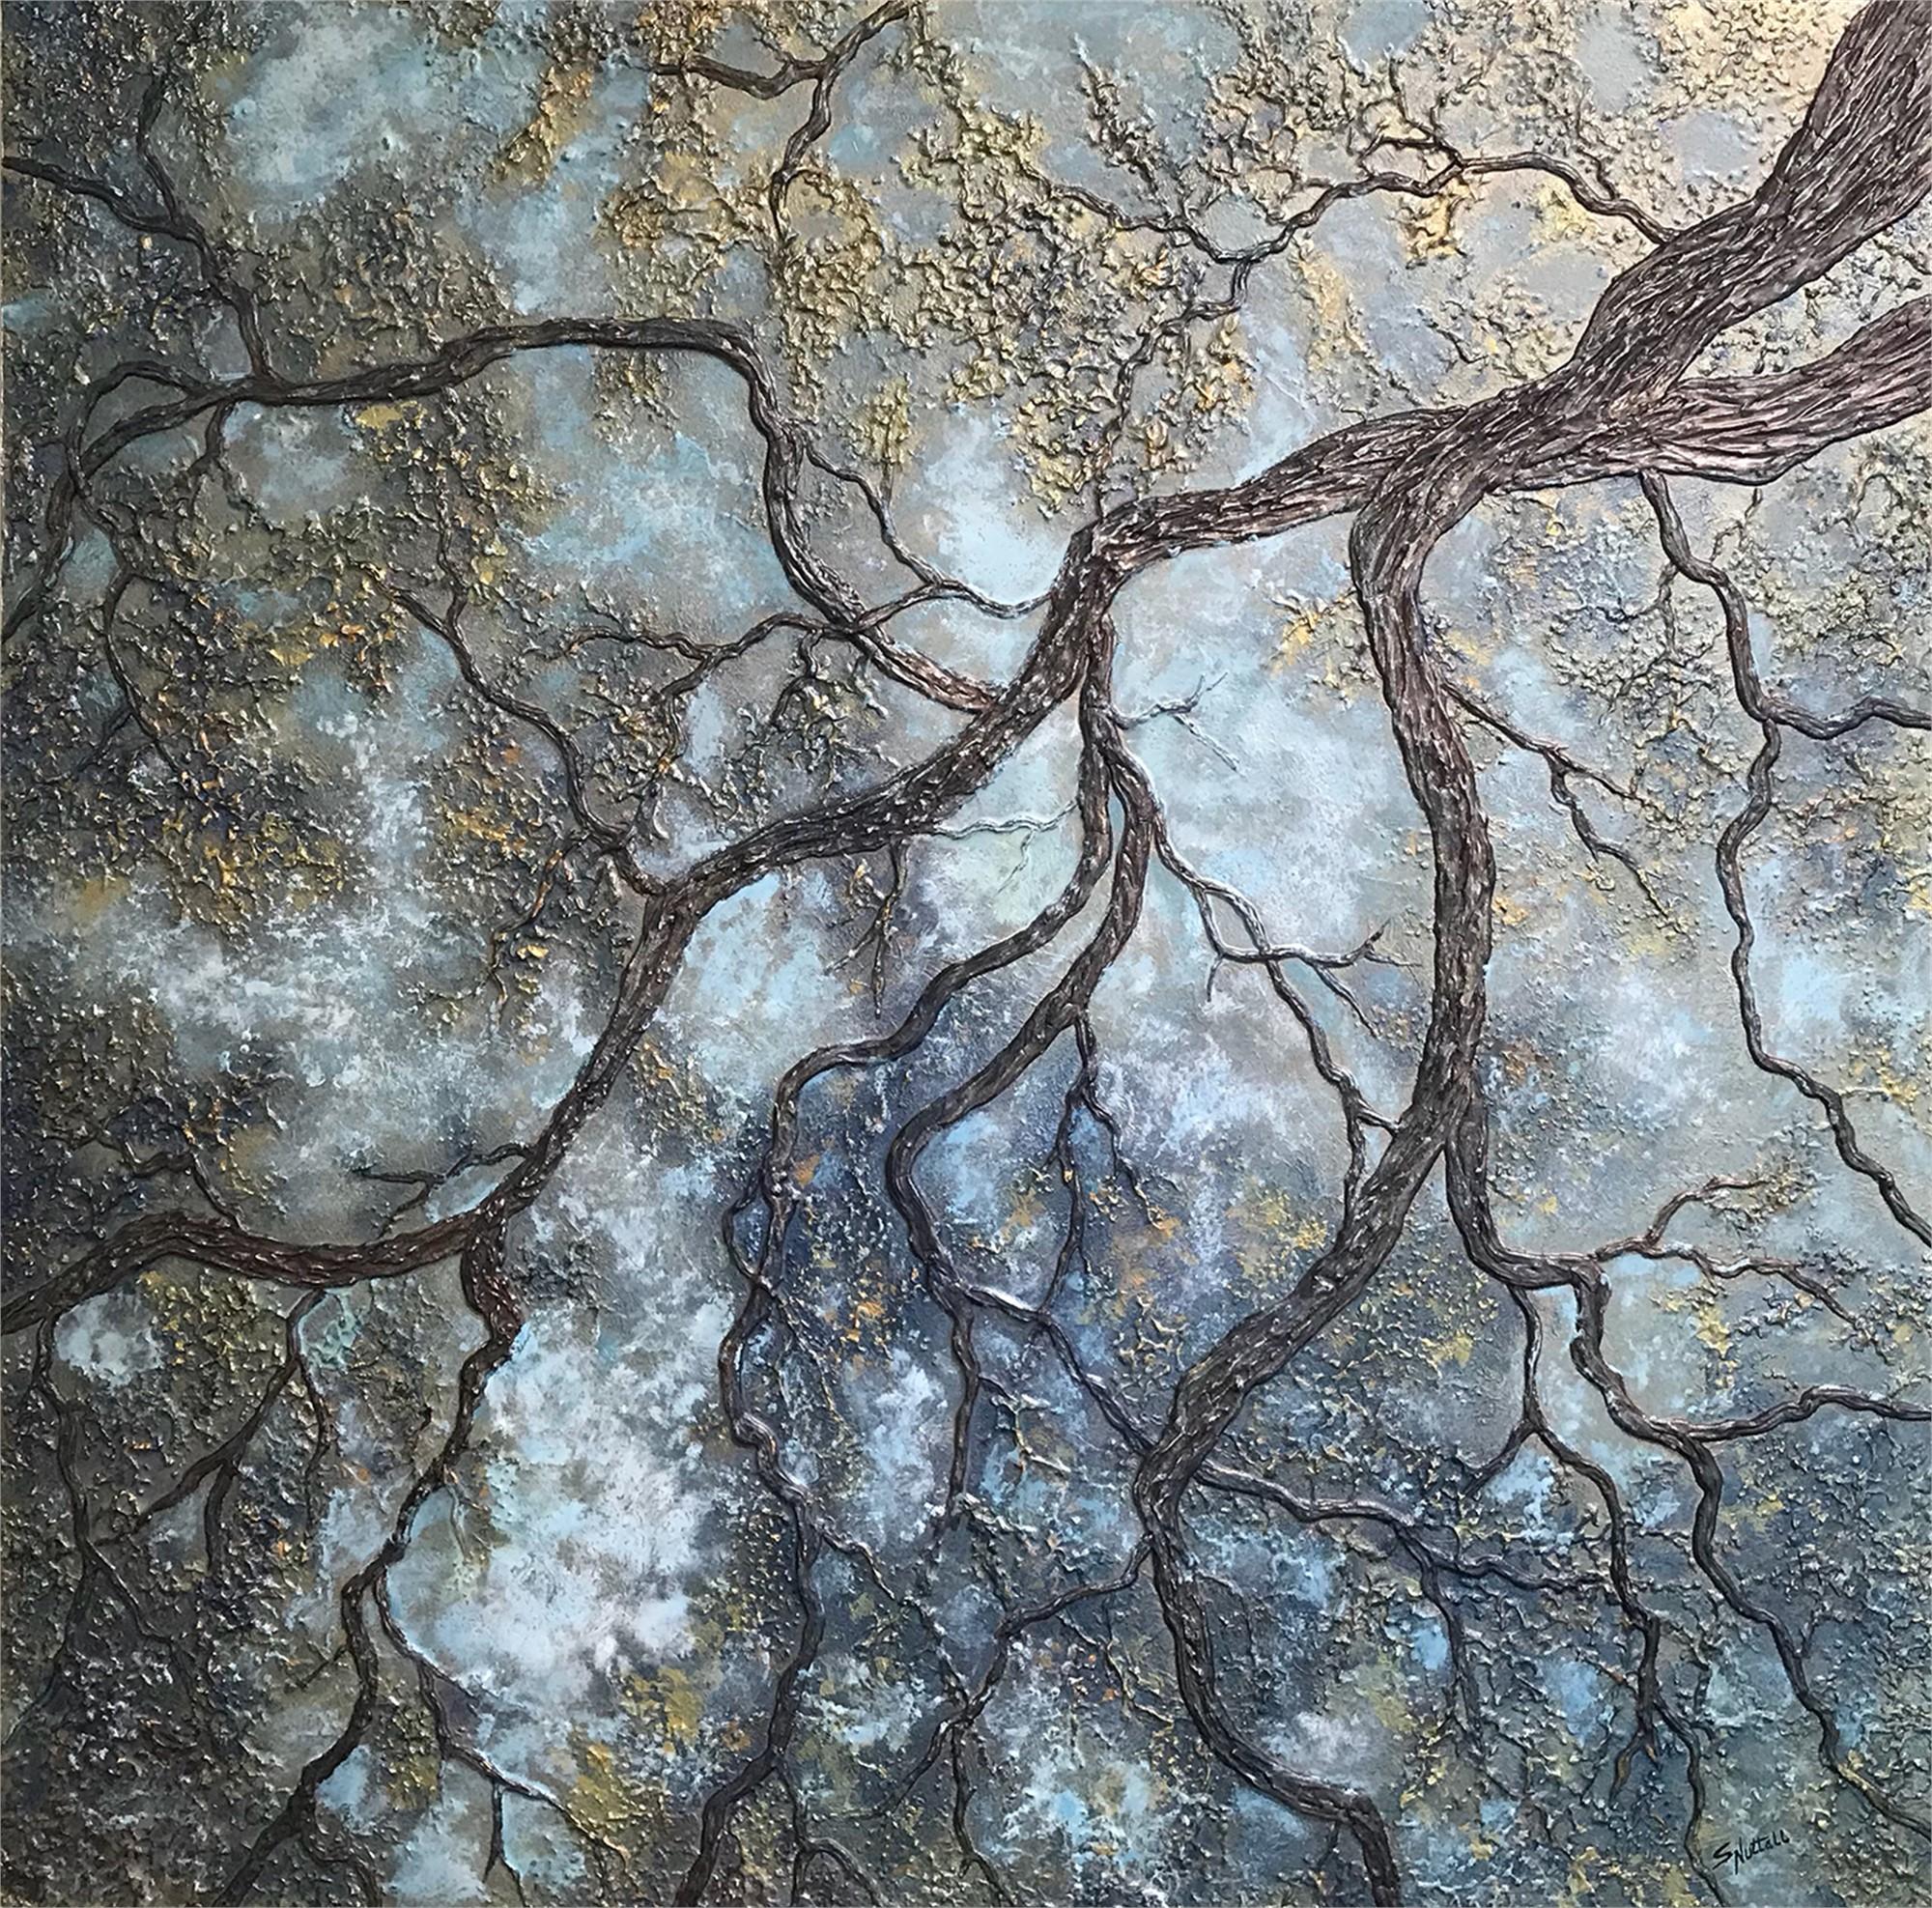 Angel Oak Tree Lace by Susan Nuttall